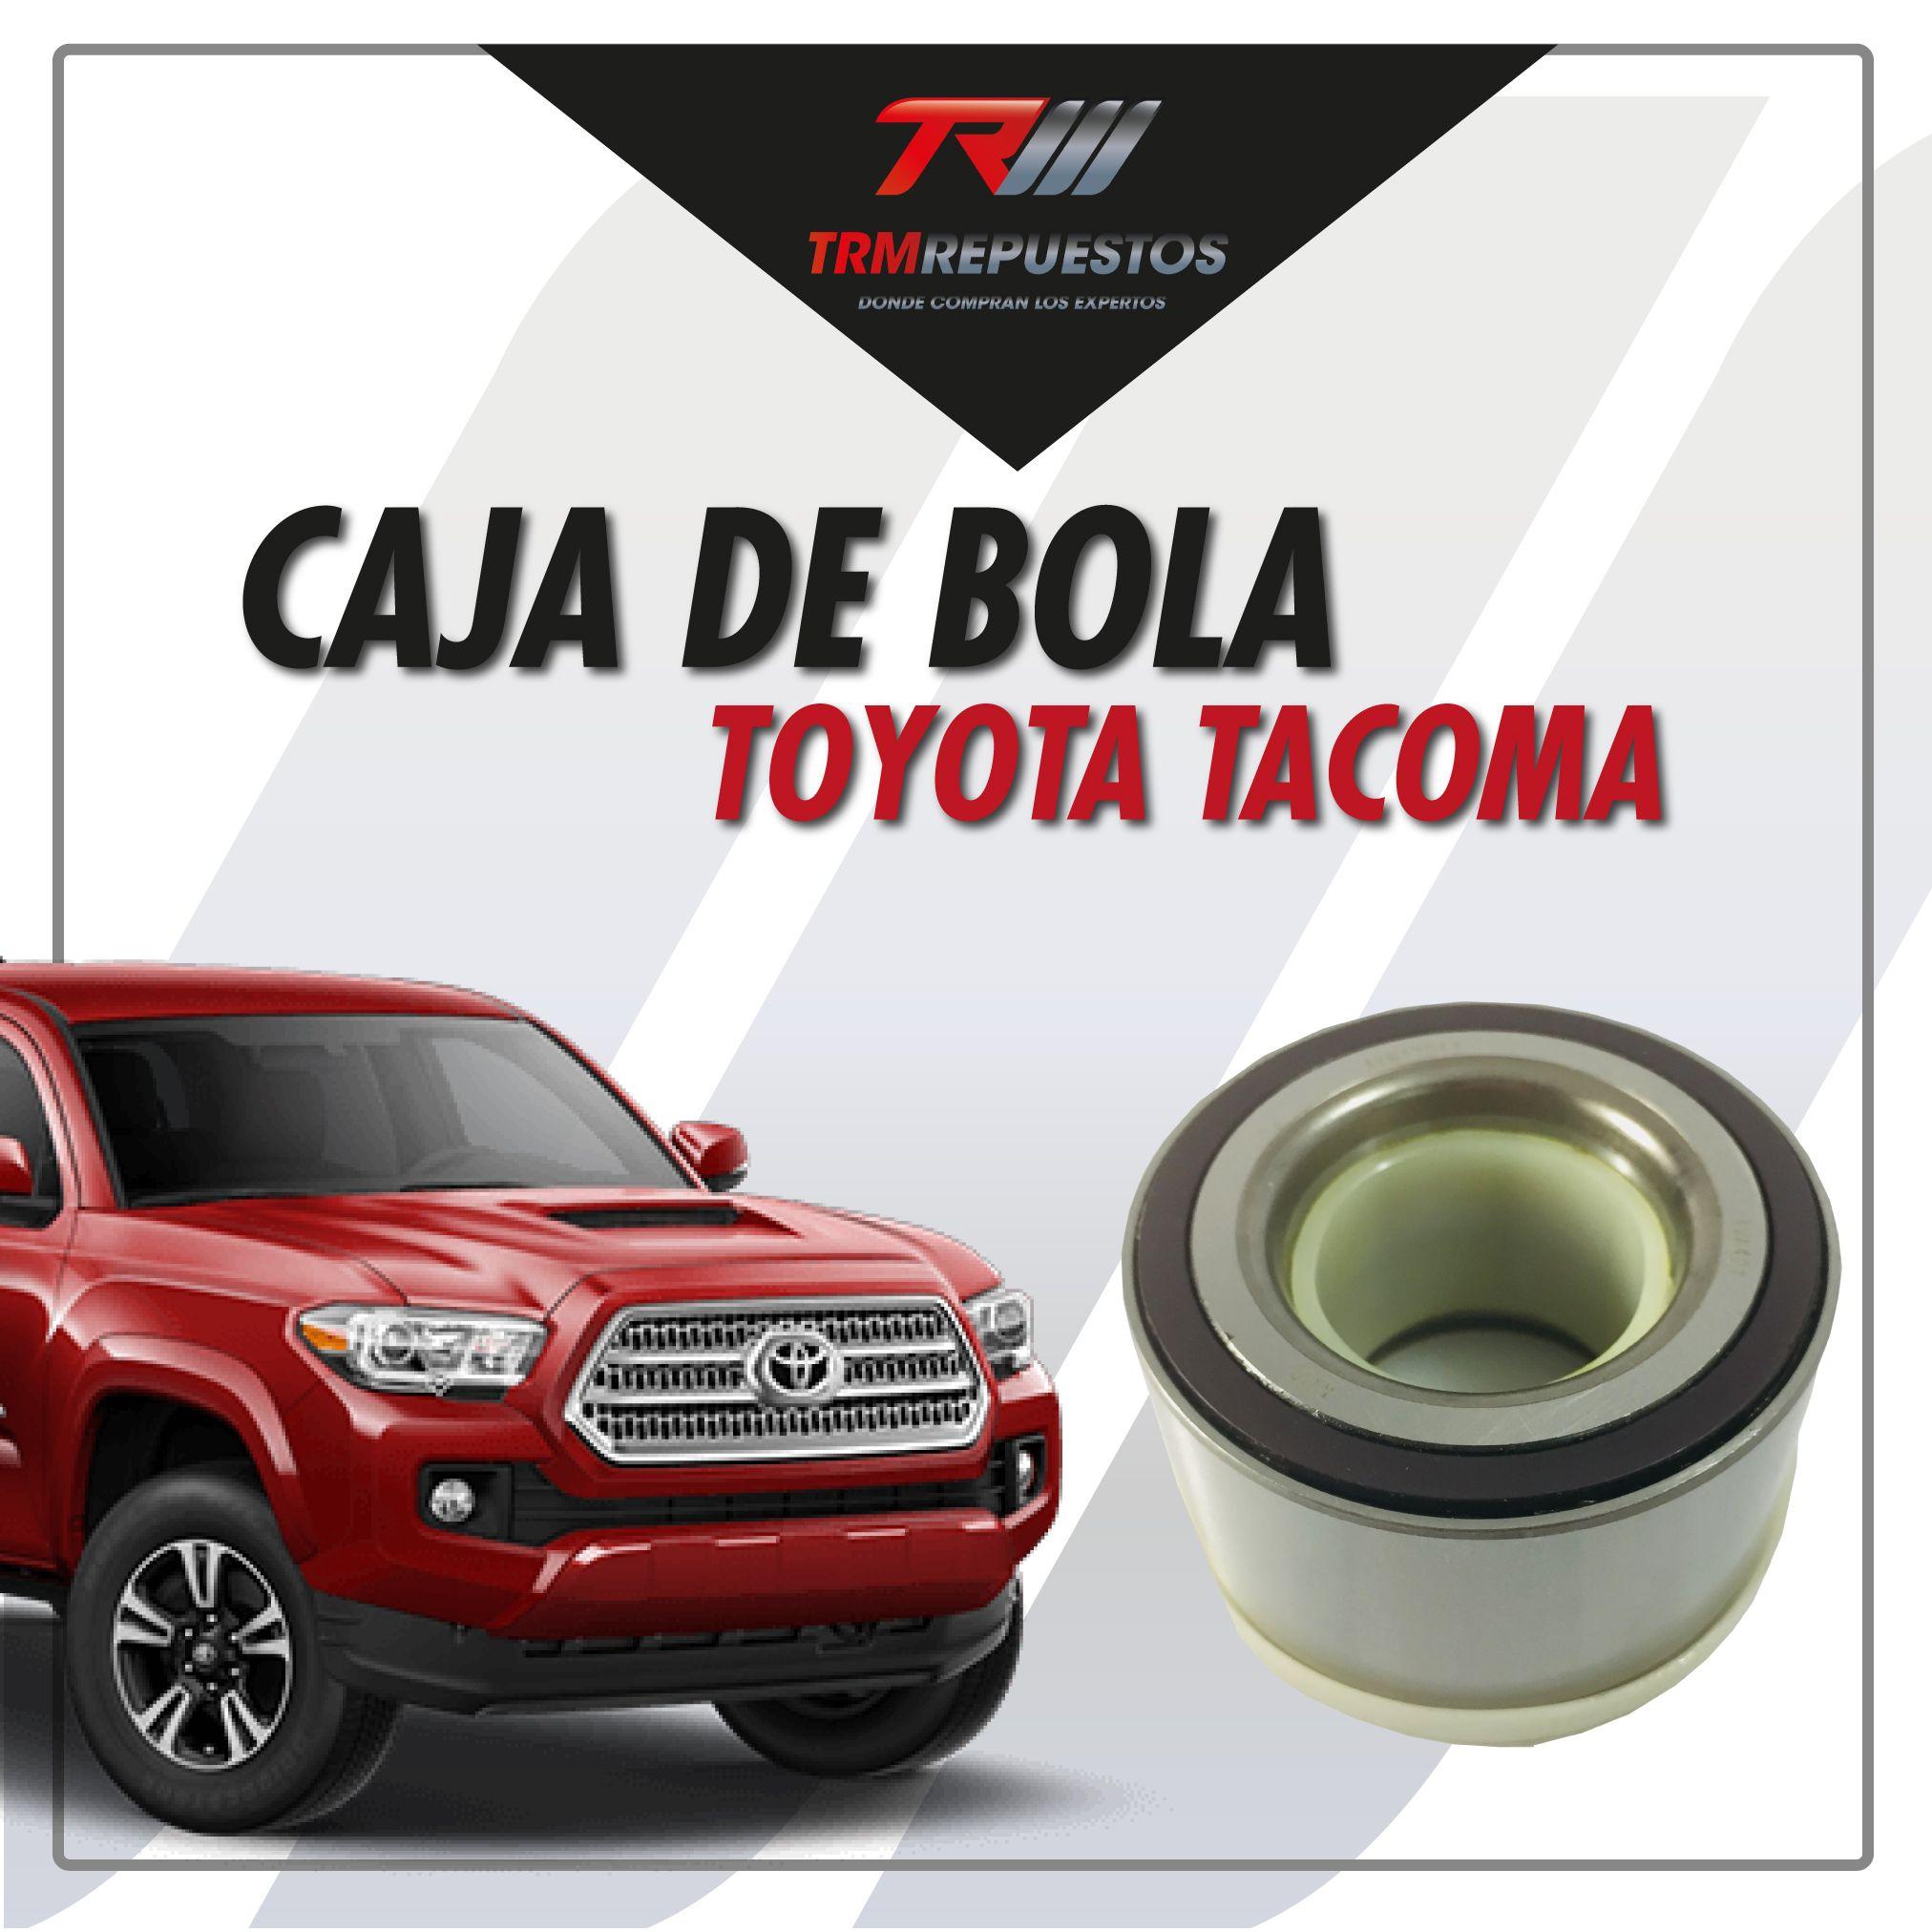 Tread Toyota Tacoma Somos Trm Repuestos Srl Donde Compran Los